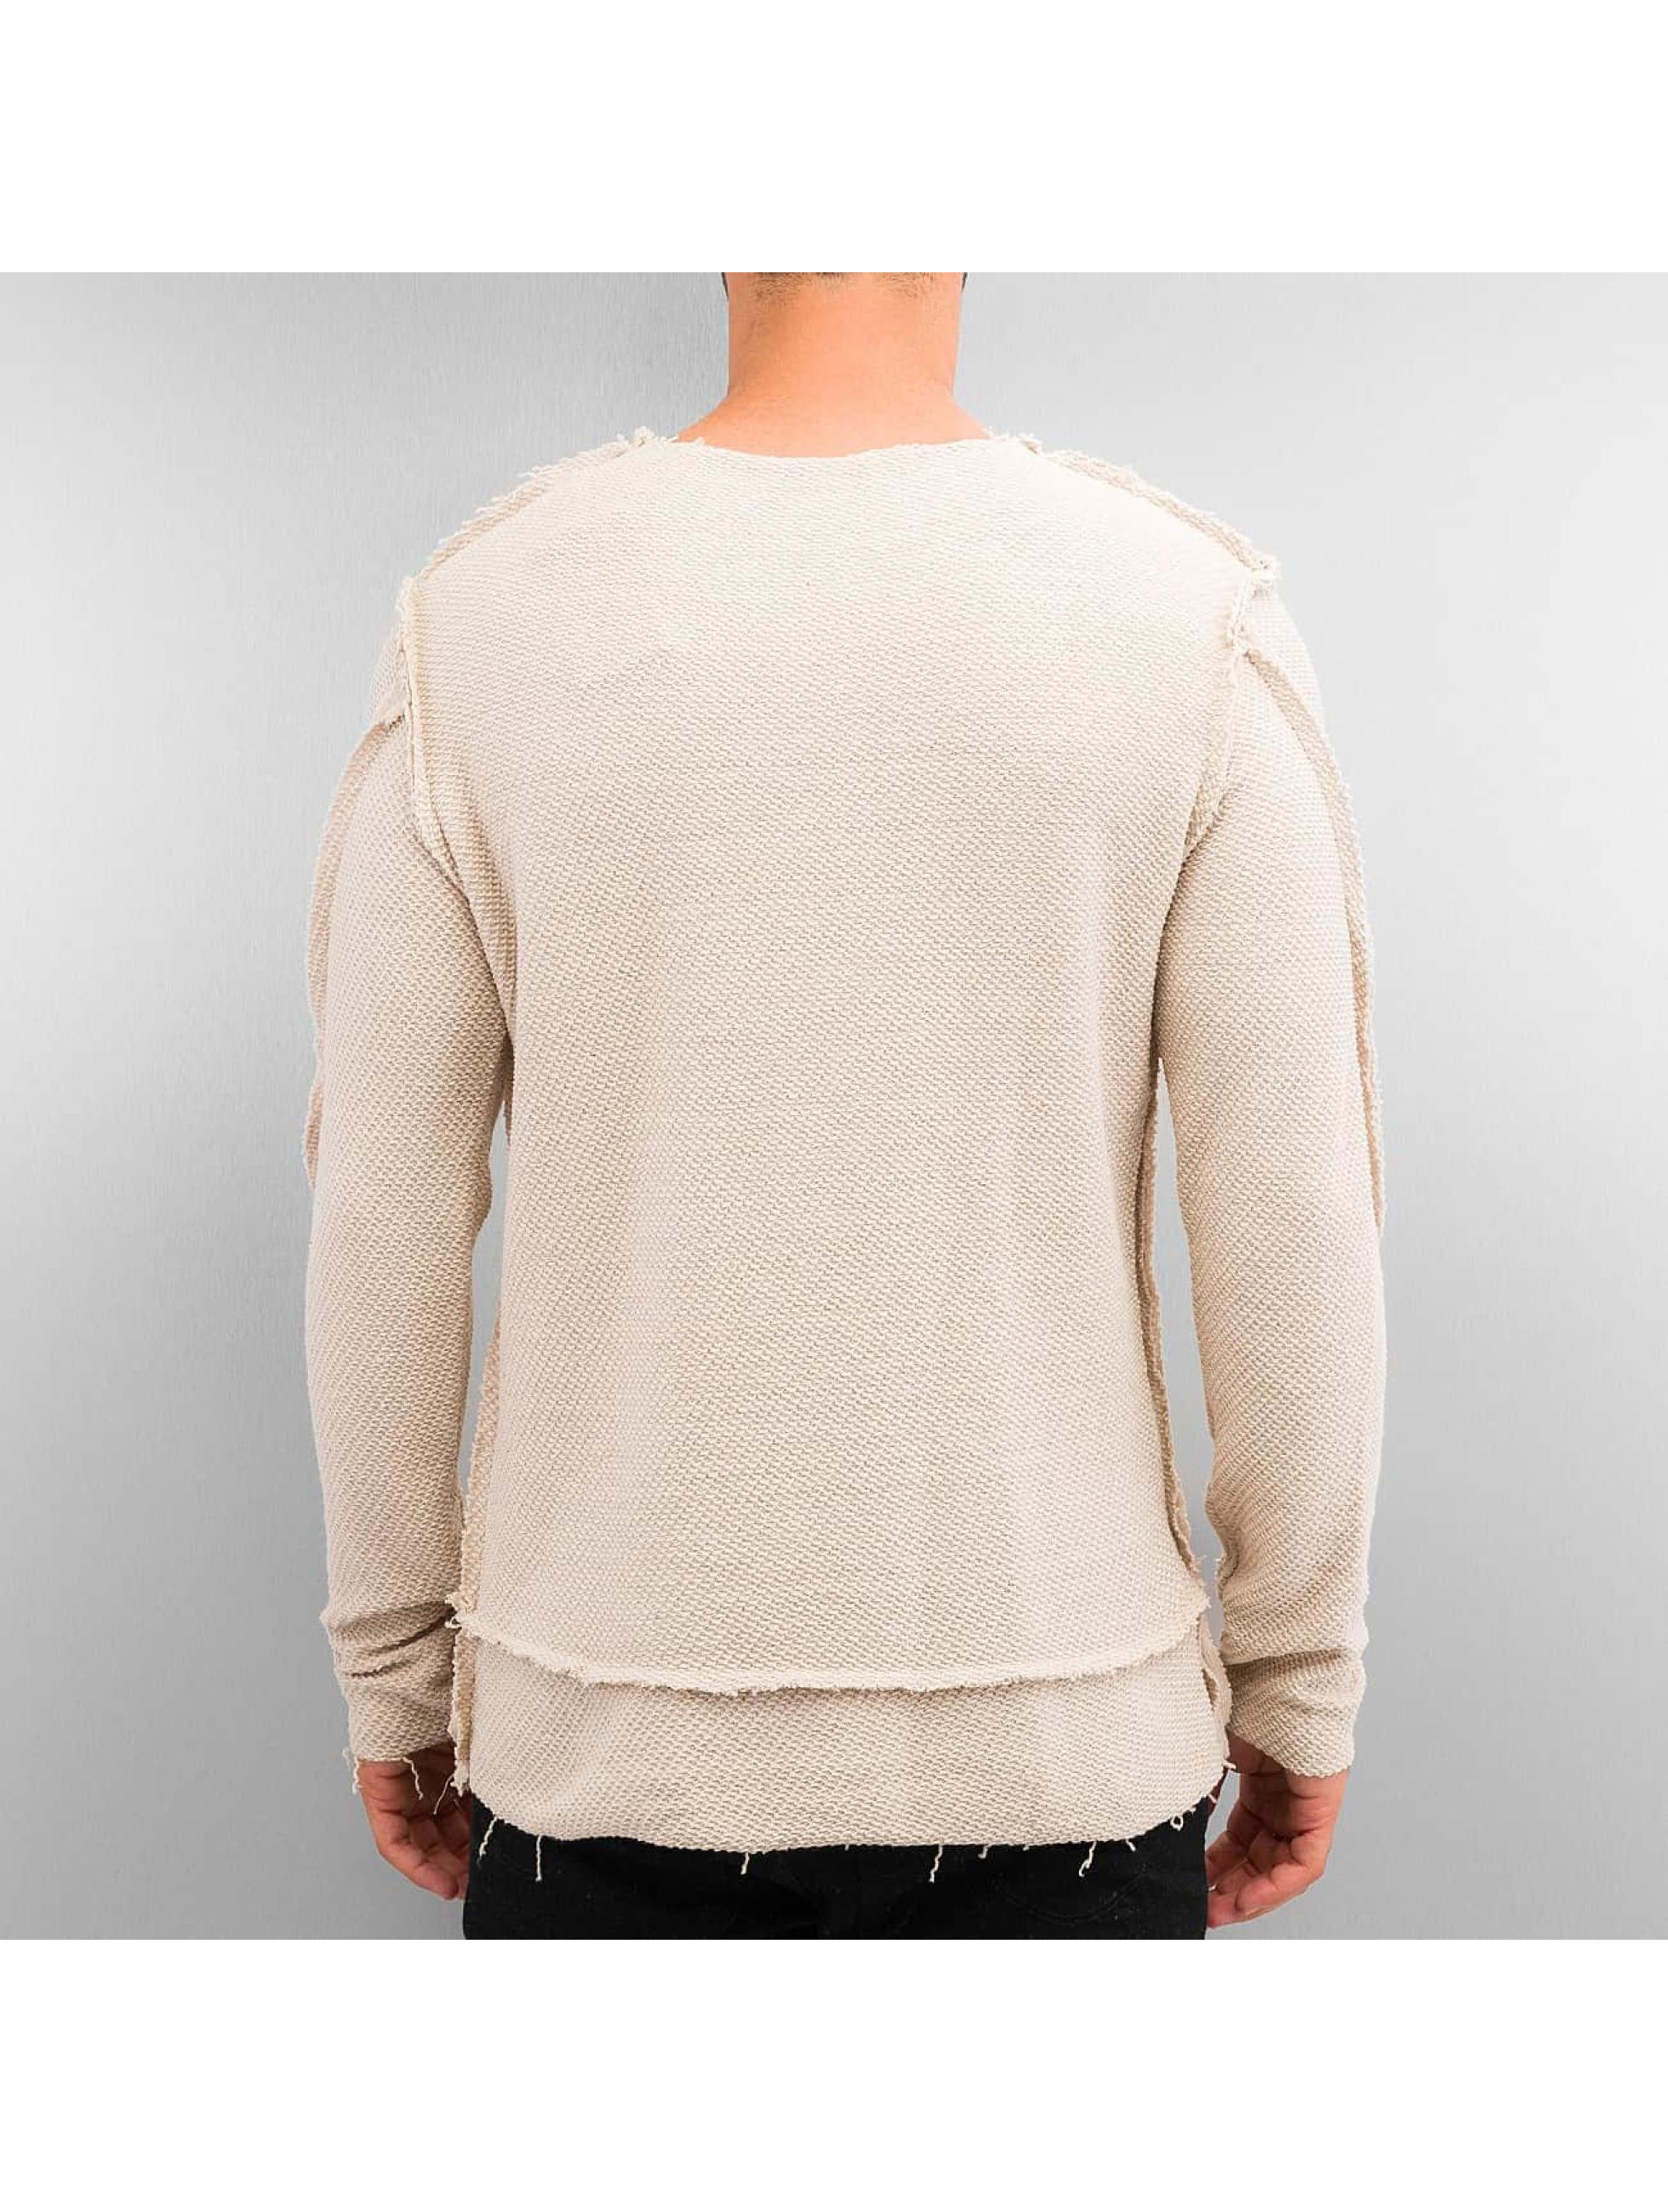 2y herren pullover gilge in beige 300170. Black Bedroom Furniture Sets. Home Design Ideas